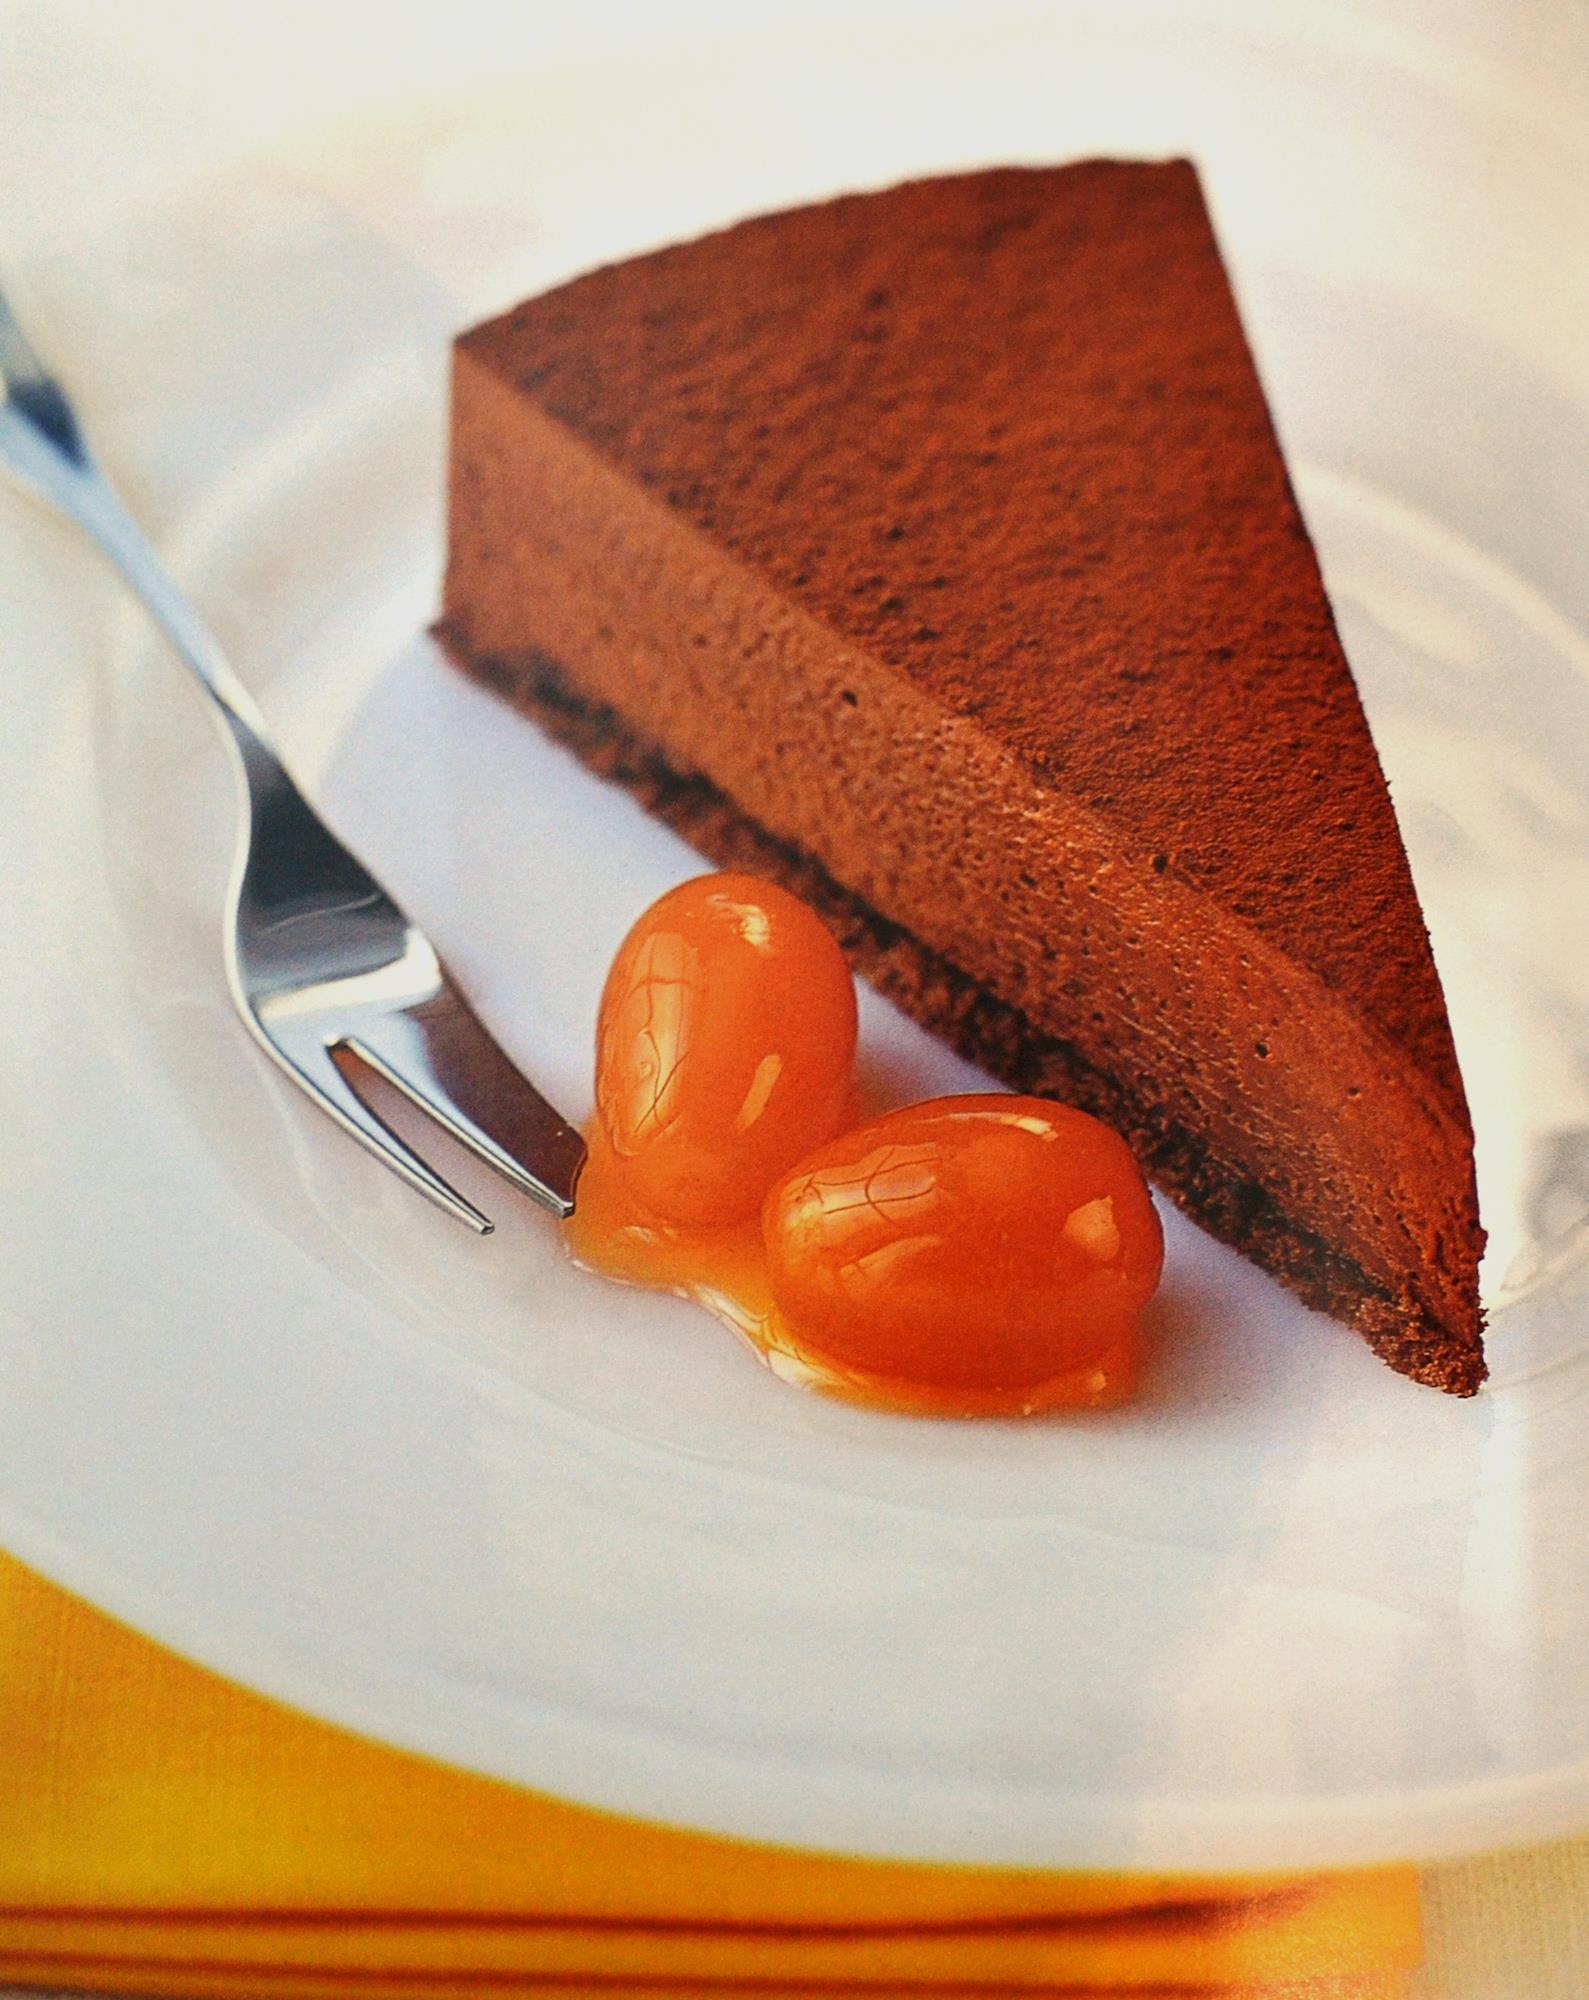 Bolo trufado de chocolate com laranjas kinkan em calda